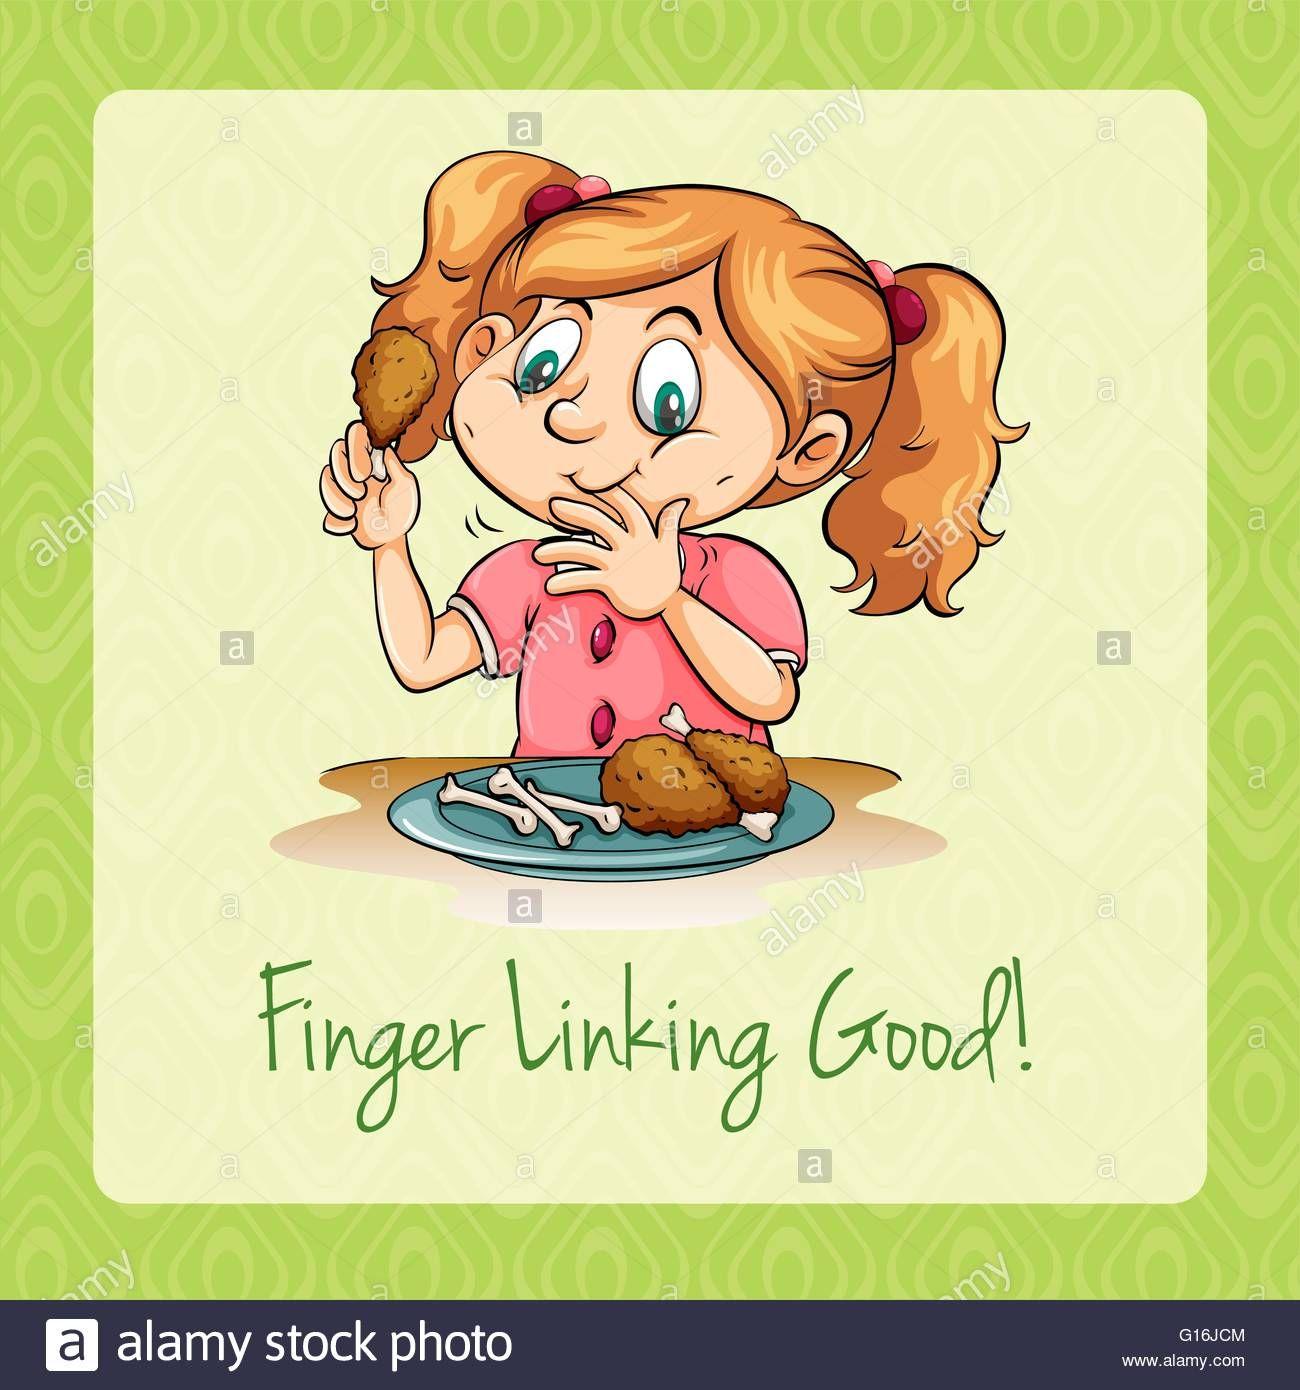 Girl Eating Fried Chicken Illustration